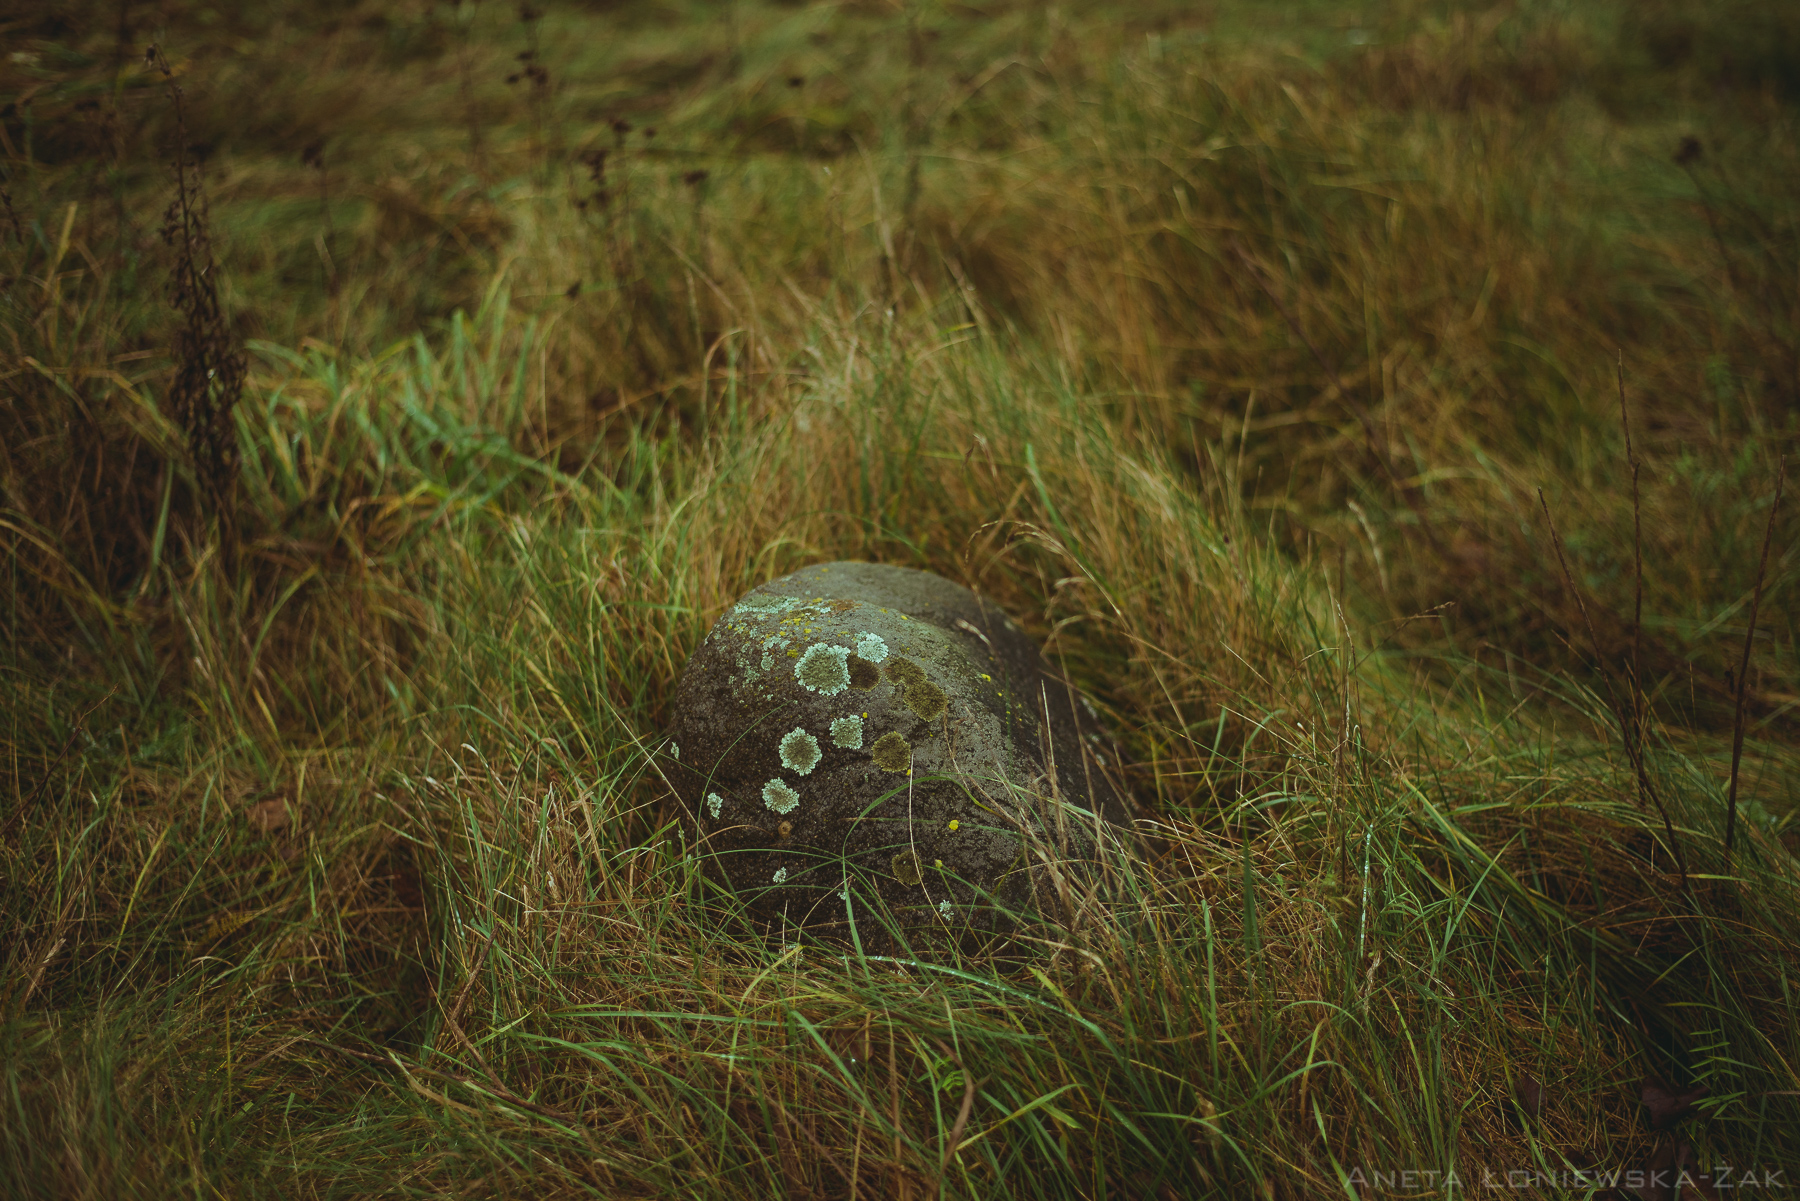 fotografia przyrodnicza, puszcza knyszyńska, podlasie, pkpk, kamień polny